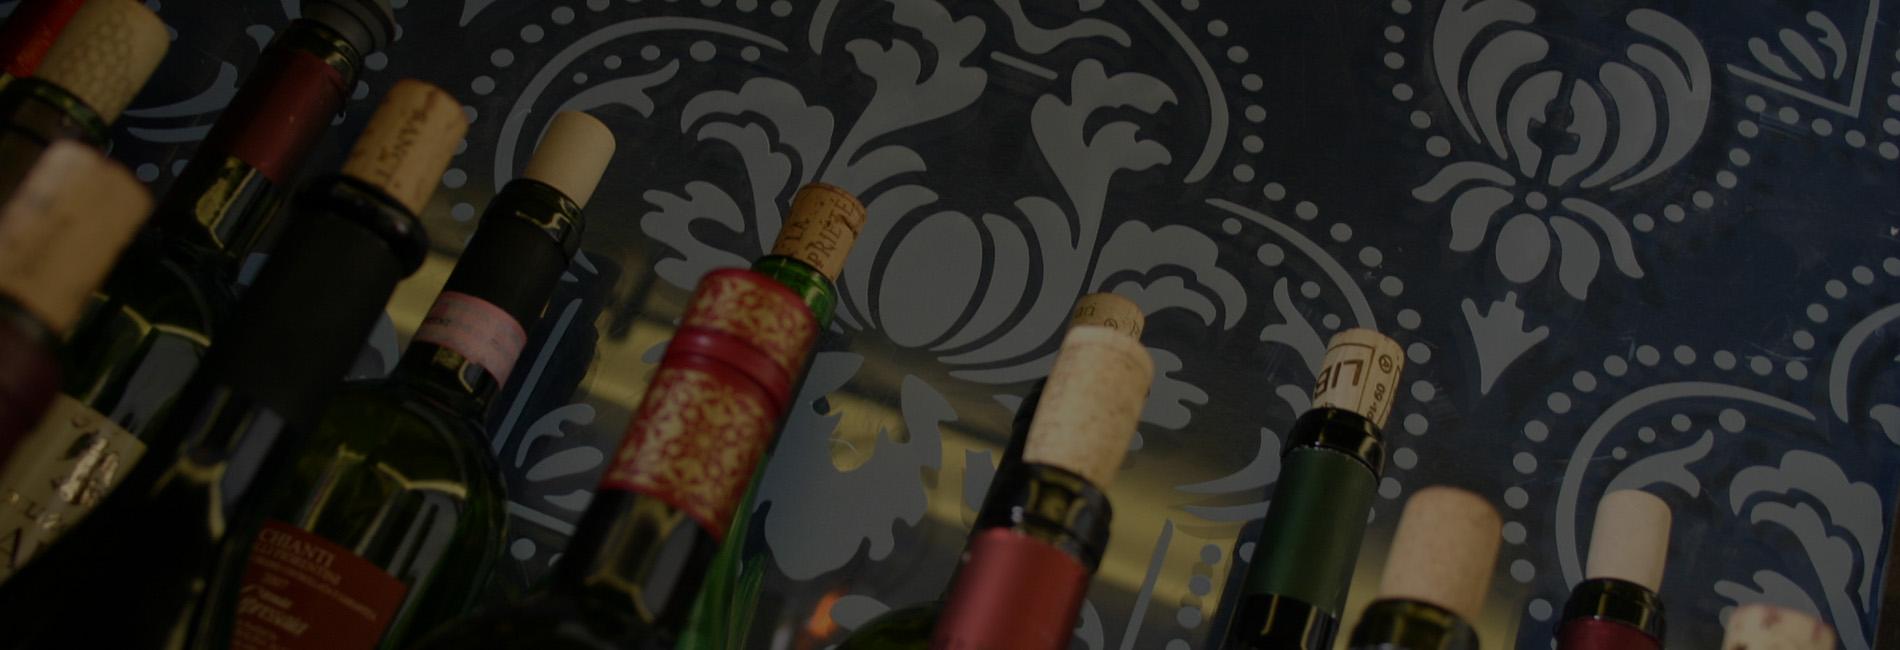 Medi Wine Bar - Wine Bottles